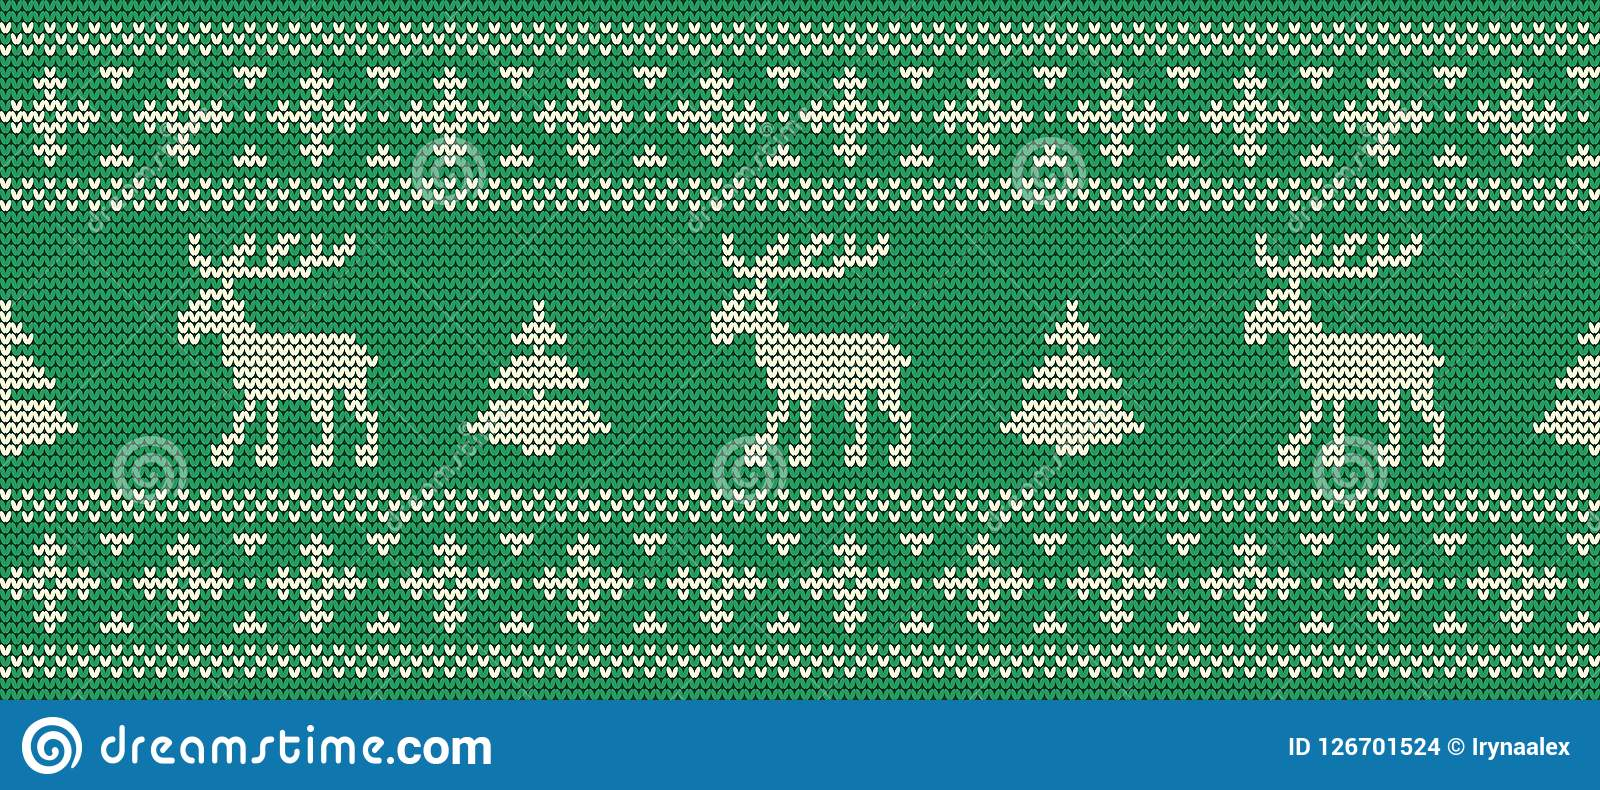 звезды абстрактной картины конструкции украшения рождества предпосылки темной красные белые Связанная картина с оленями на зелено